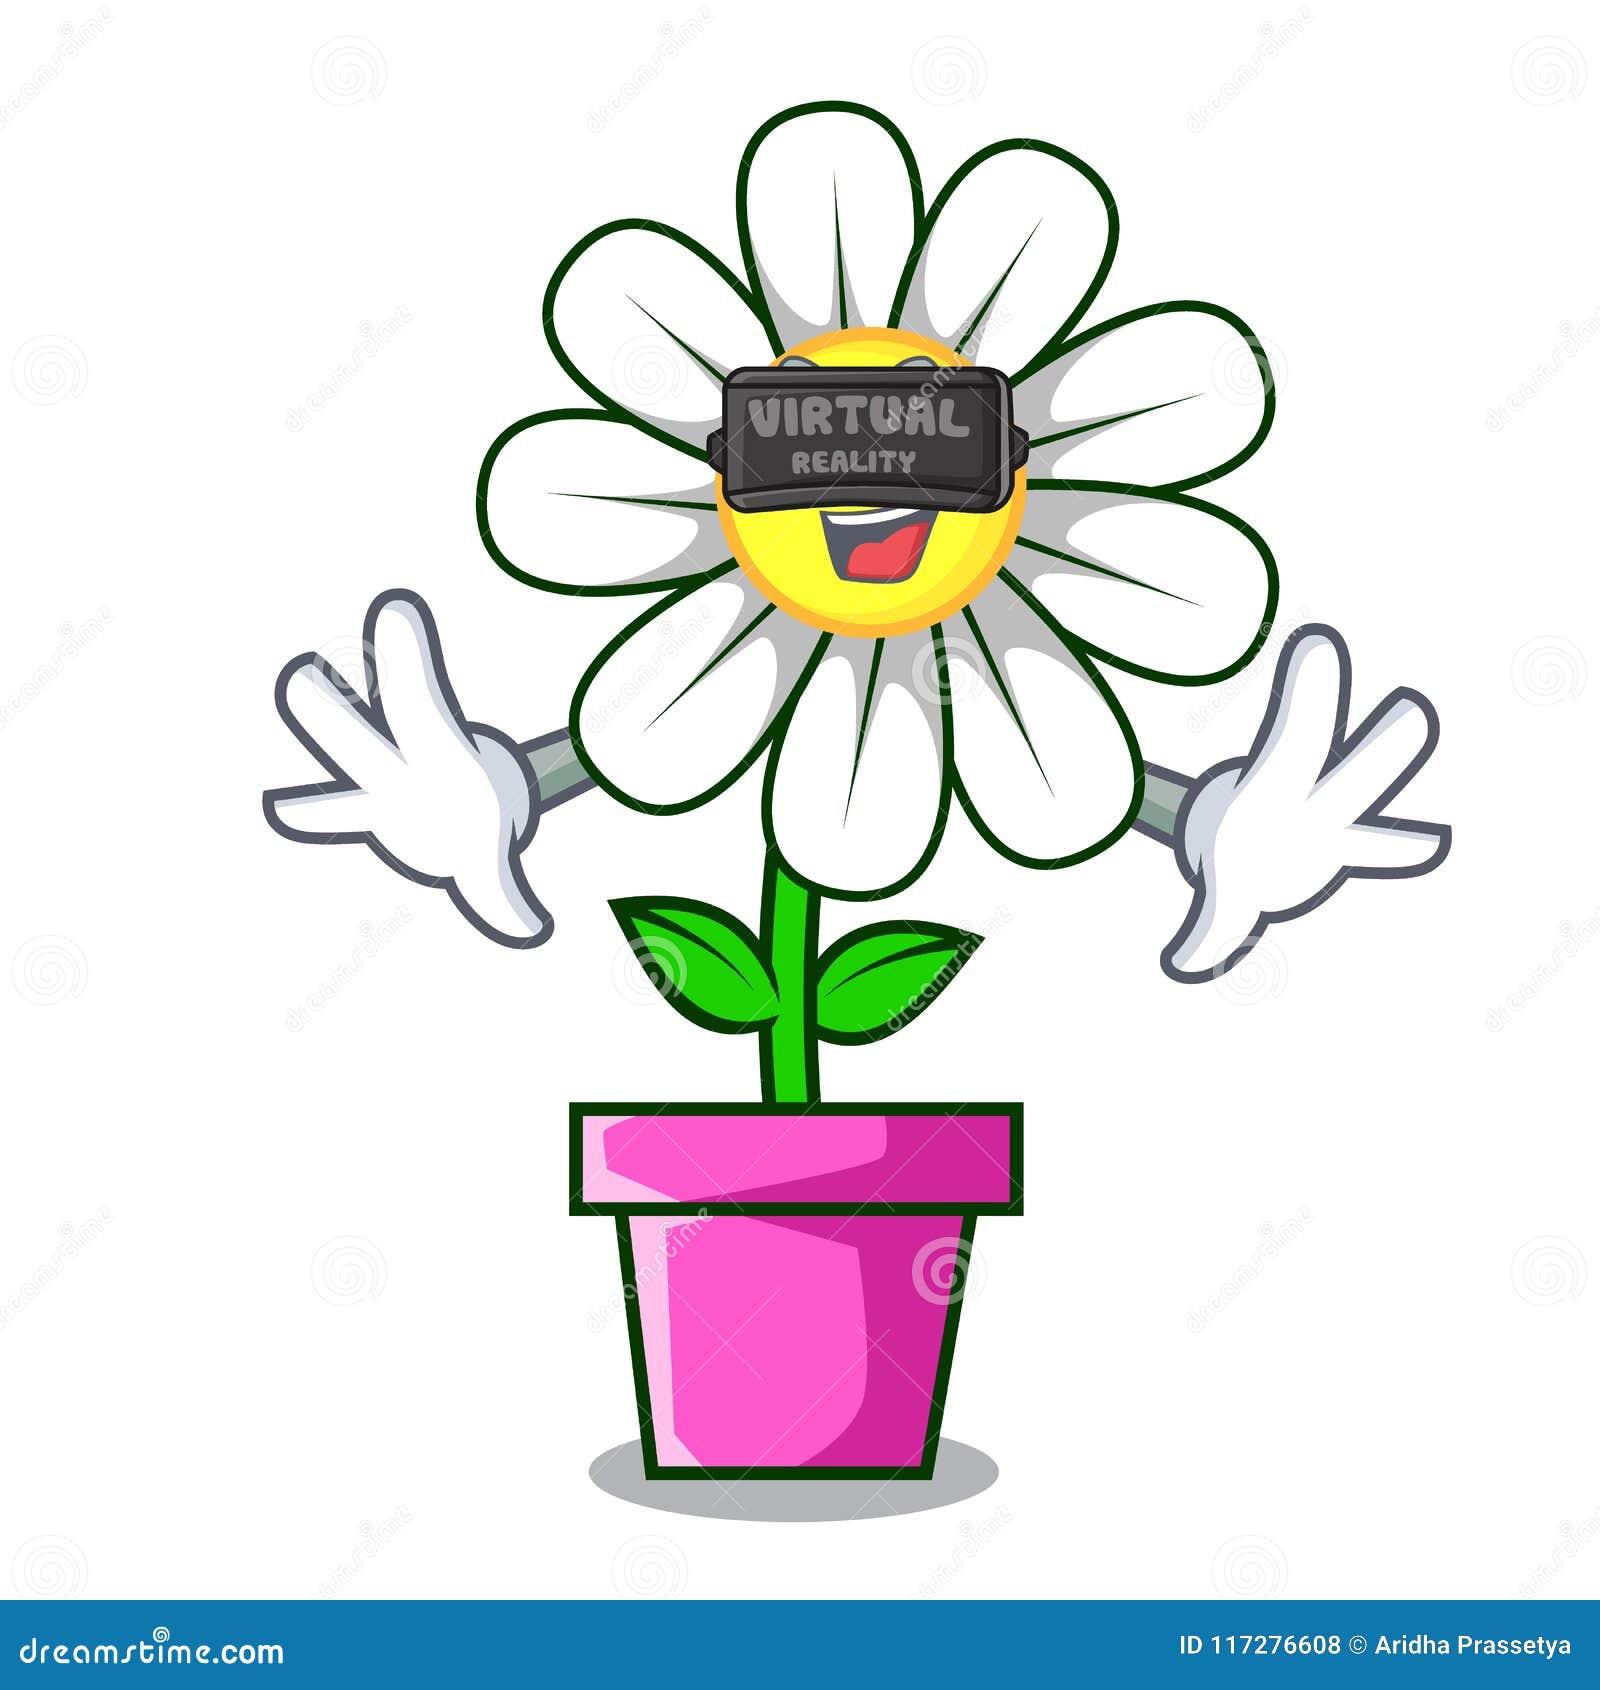 Virtual reality daisy flower mascot cartoon stock vector download virtual reality daisy flower mascot cartoon stock vector illustration of clipart blossom izmirmasajfo